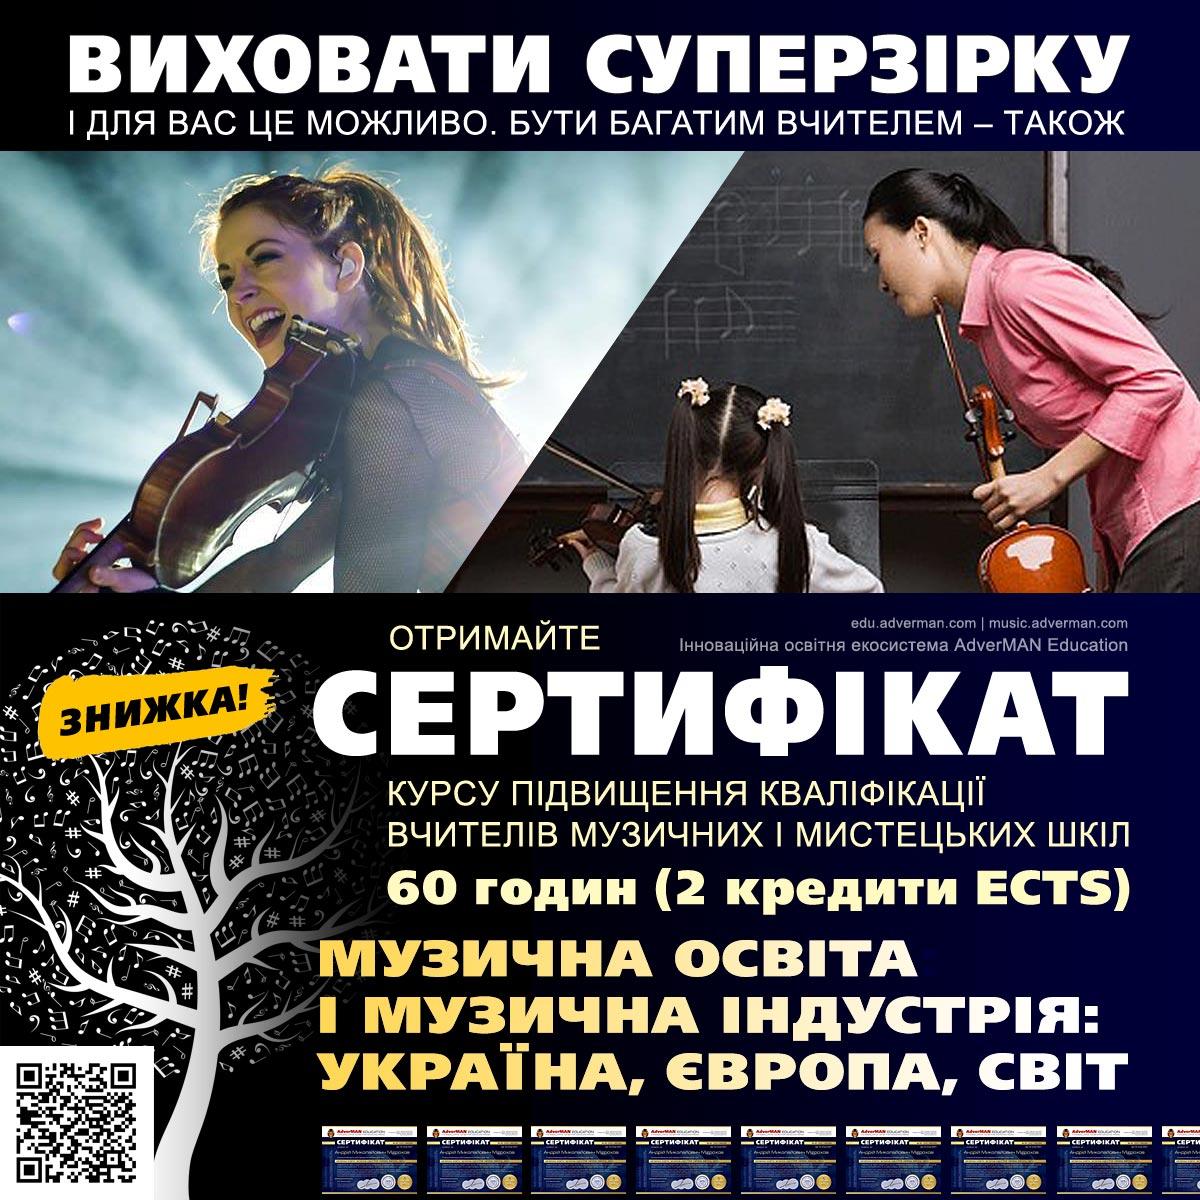 Курс підвищення кваліфікації вчителів Музична освіта і музична індустрія: Україна, Європа, світ – 60 годин, сертифікат